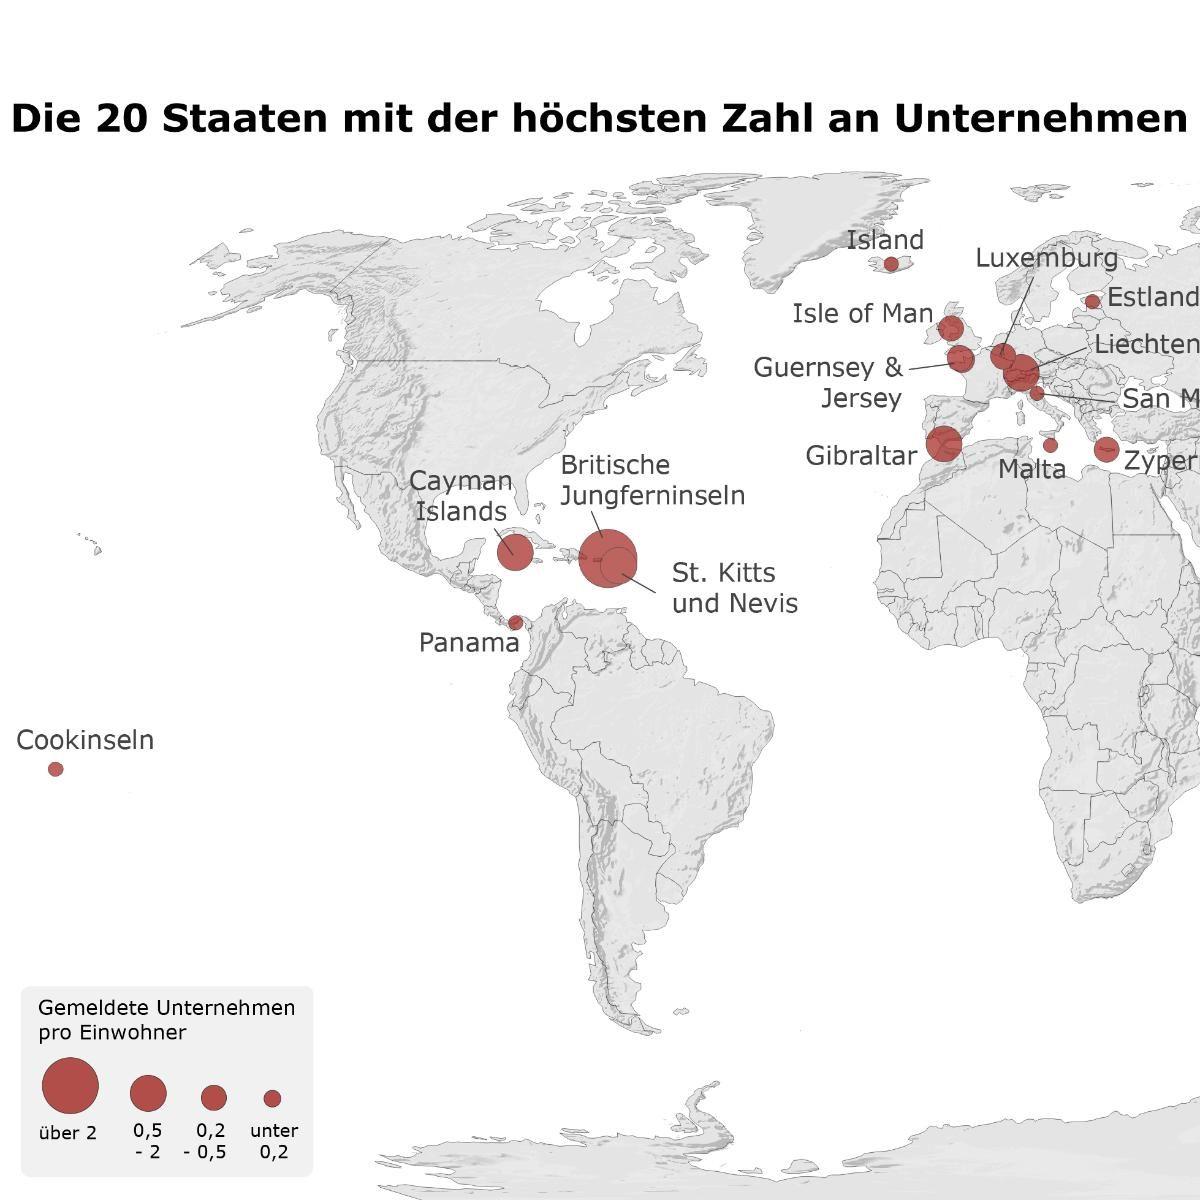 Unternehmen pro Kopf - Karte